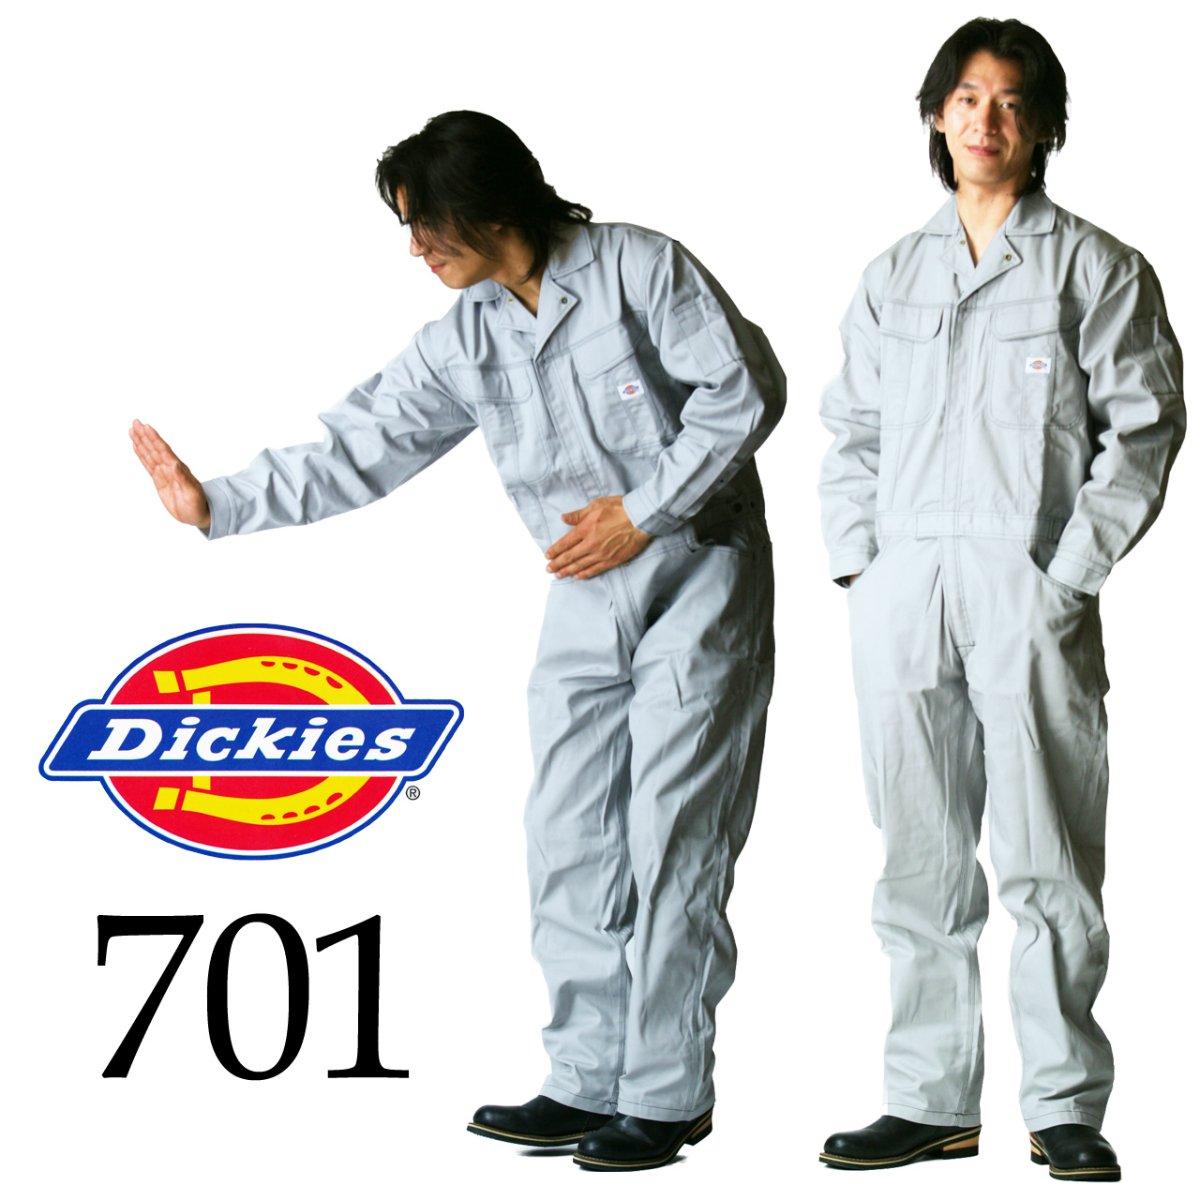 ディッキーズ Dickies (山田辰)オールシーズン用 ツヅキ服 701 ネイビーブルー Mサイズ B00HC7MMQO M|ネイビーブルー